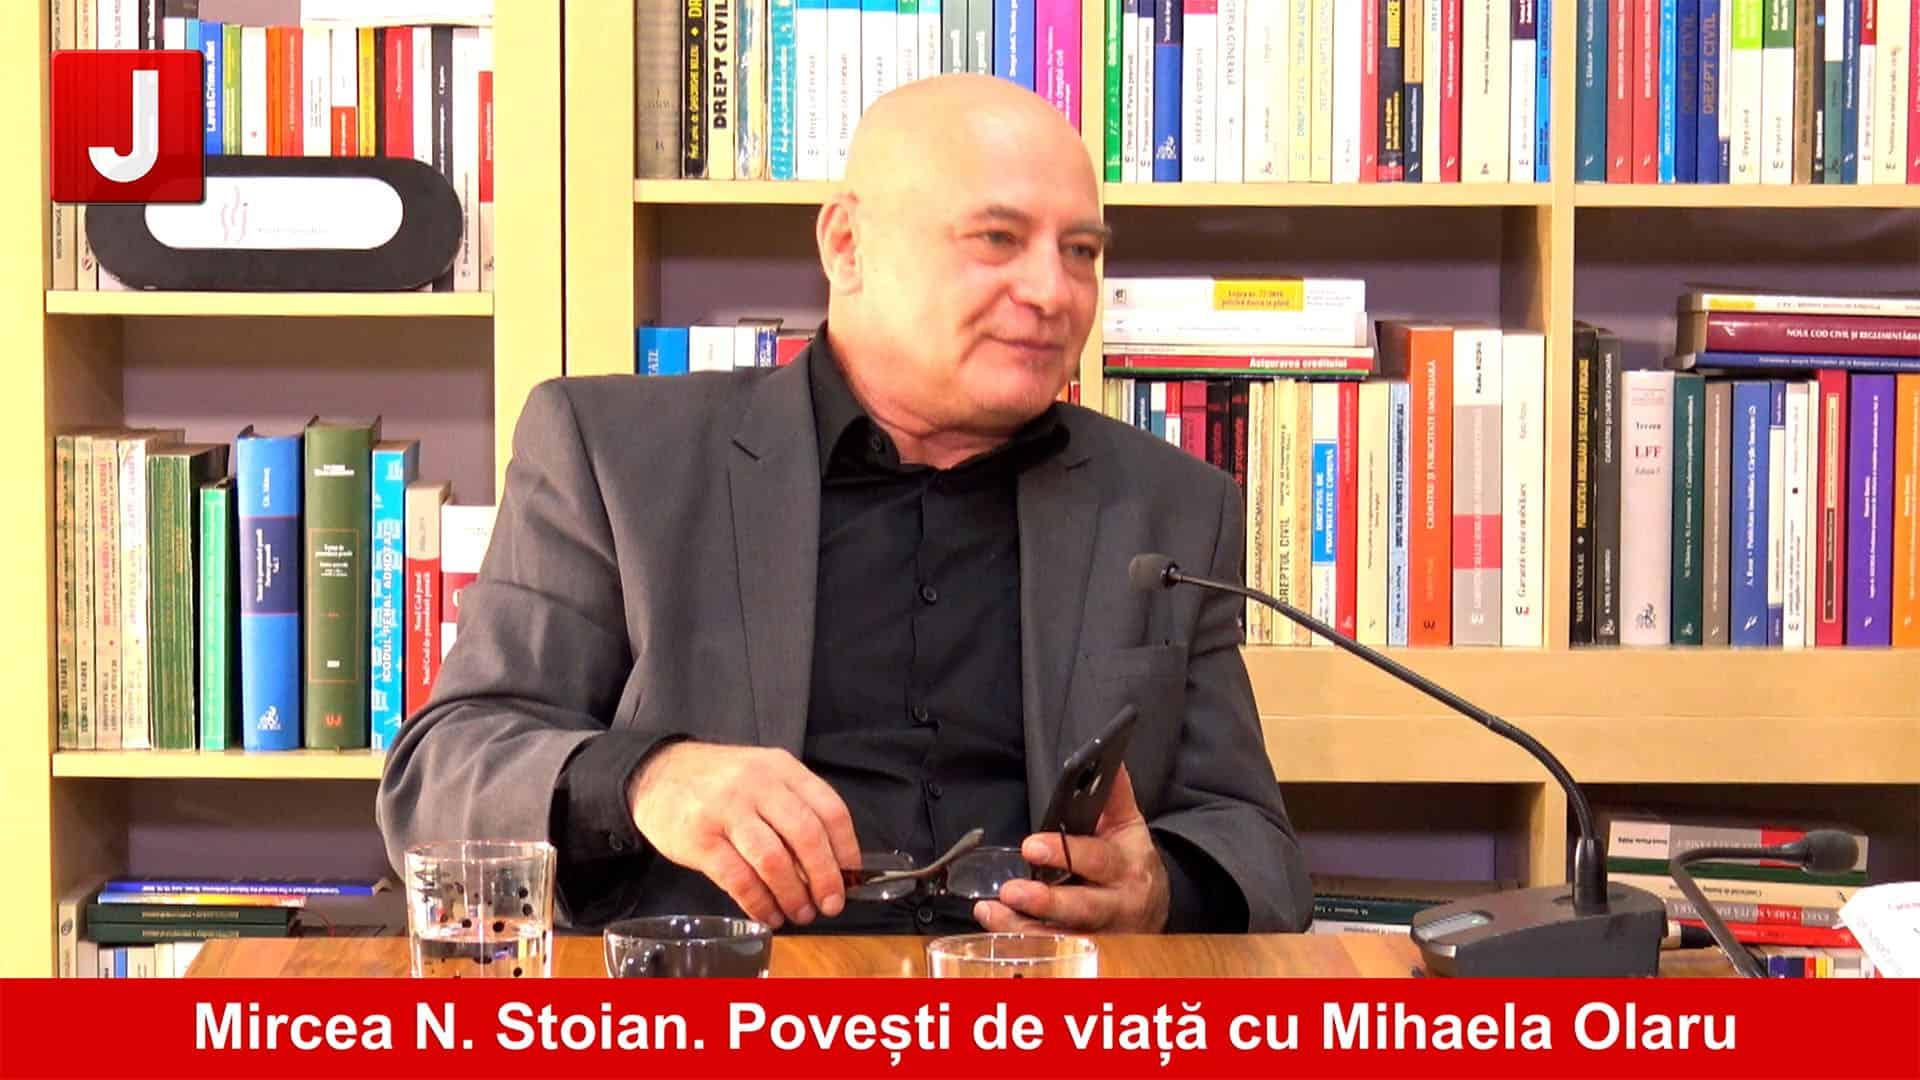 Un actor pe scena vieții, Mircea N. Stoian | Povești de viață cu Mihaela Olaru